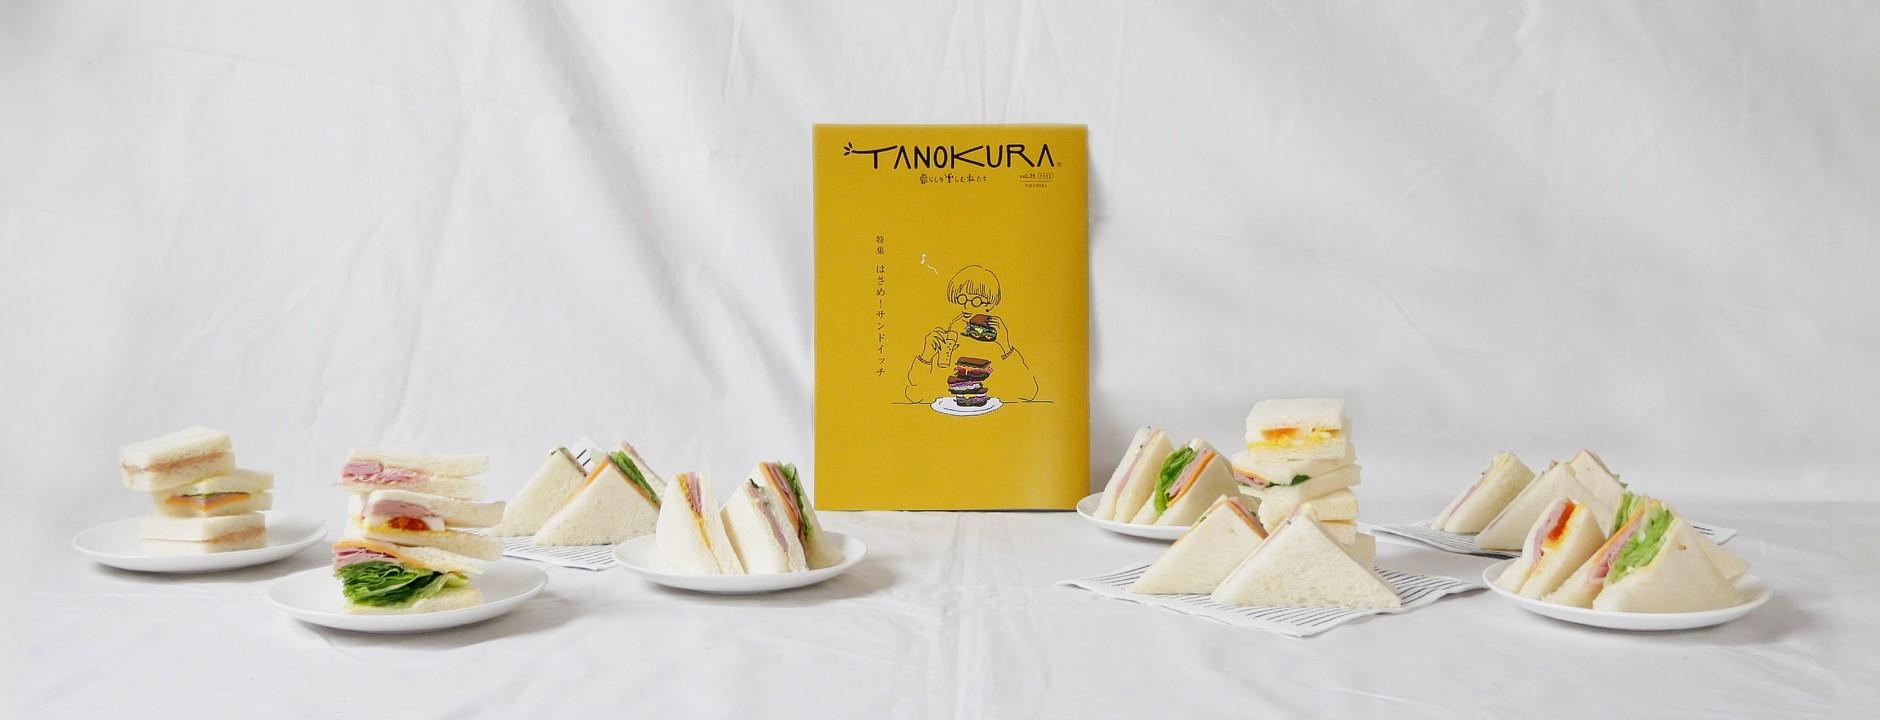 最新号 | TANOKURA vol.25「はさめ!サンドイッチ」